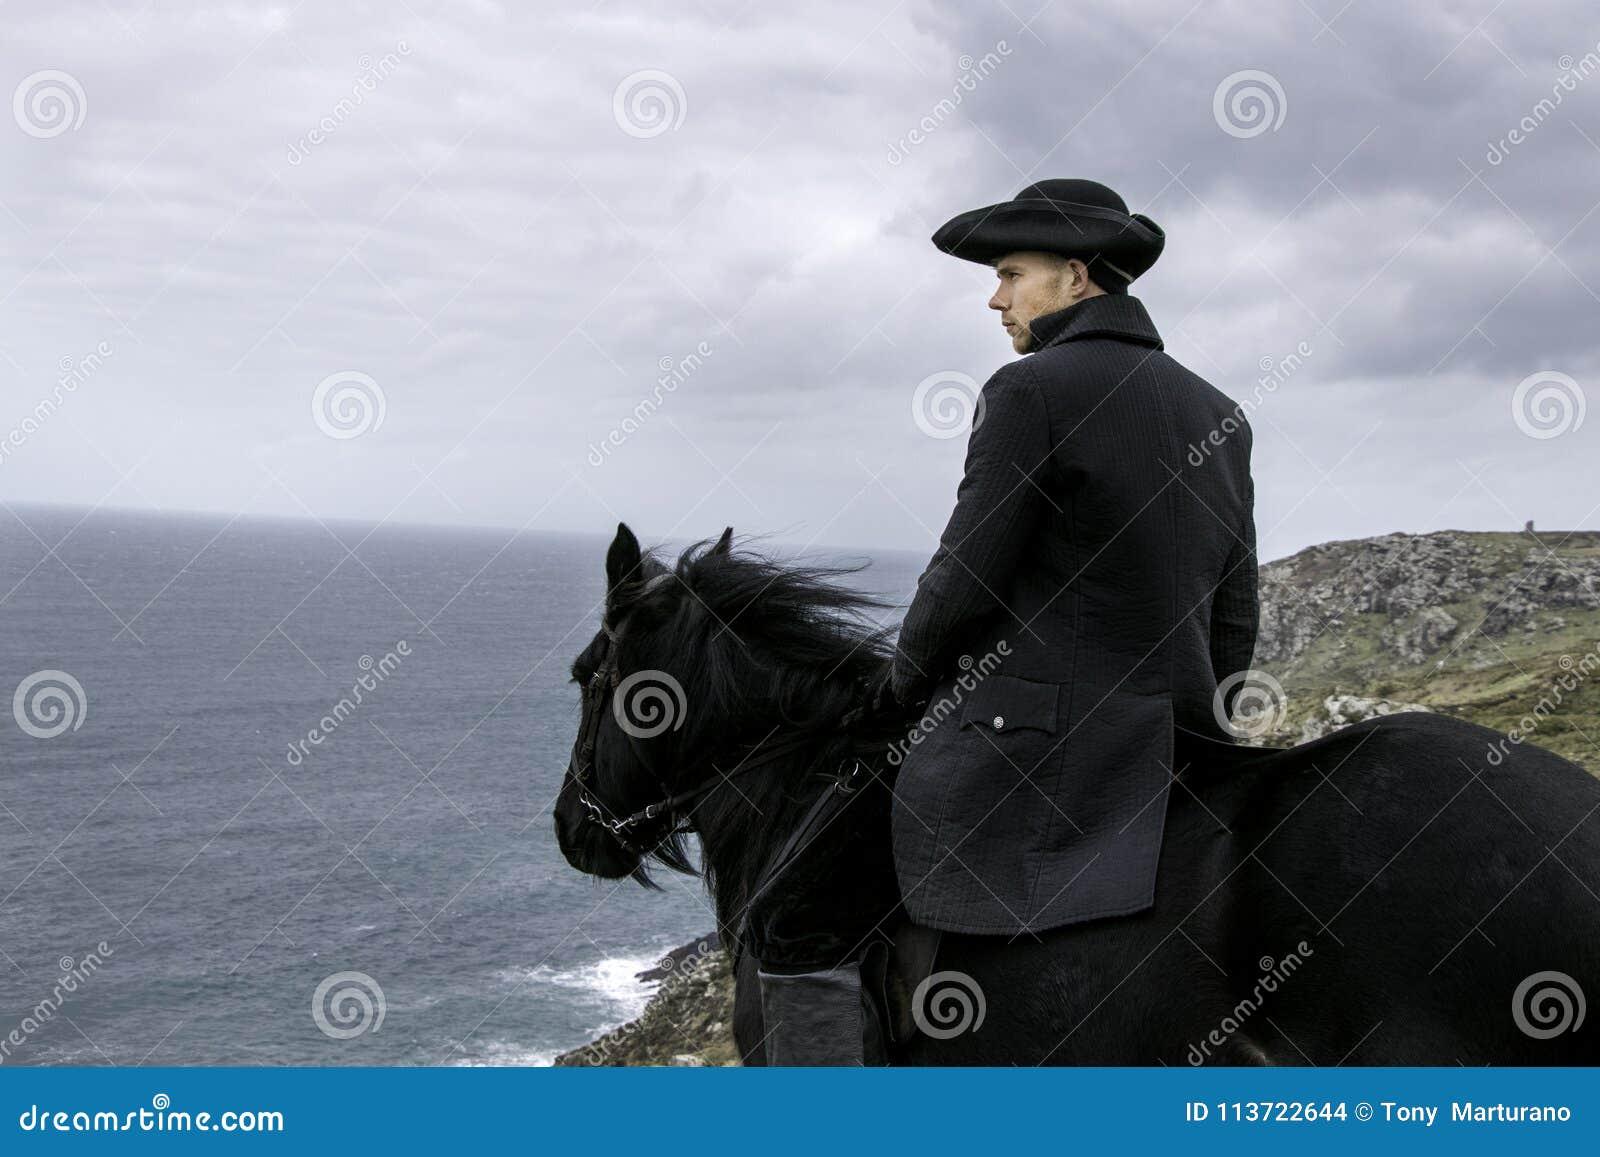 英俊的有锡矿废墟的雄性马车手摄政18世纪Poldark服装和大西洋在背景中